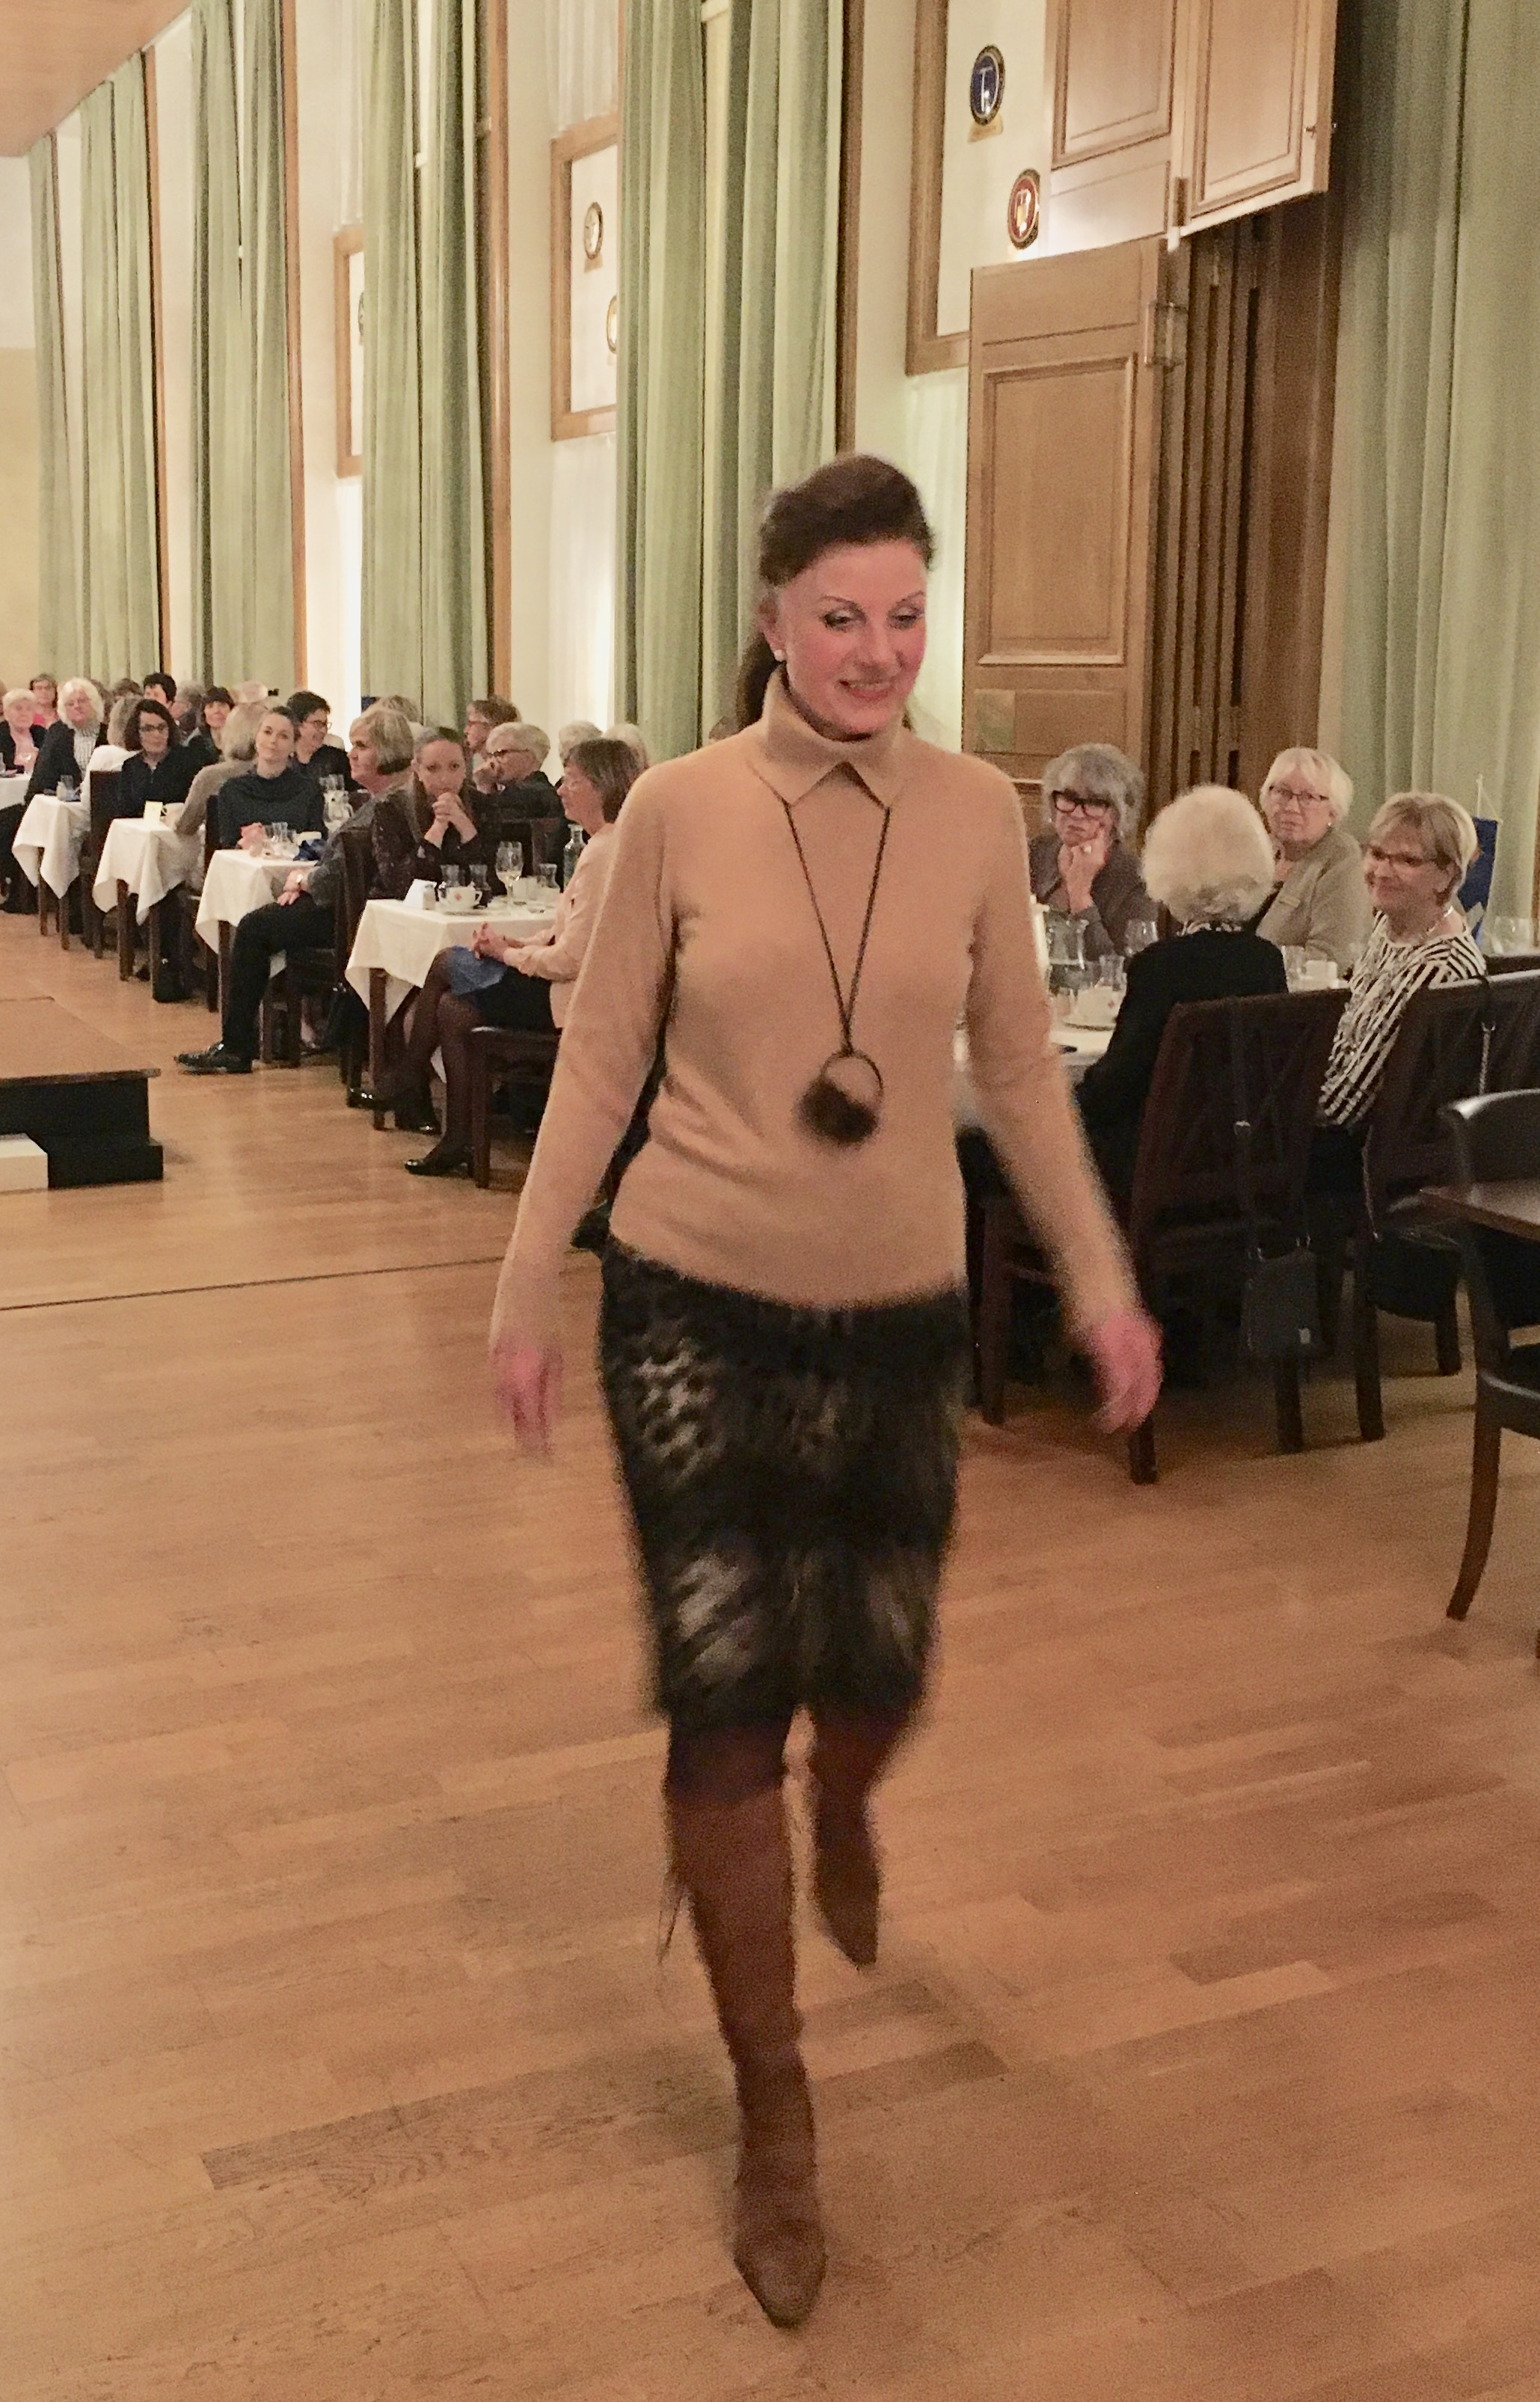 Bjs Mode Linköping